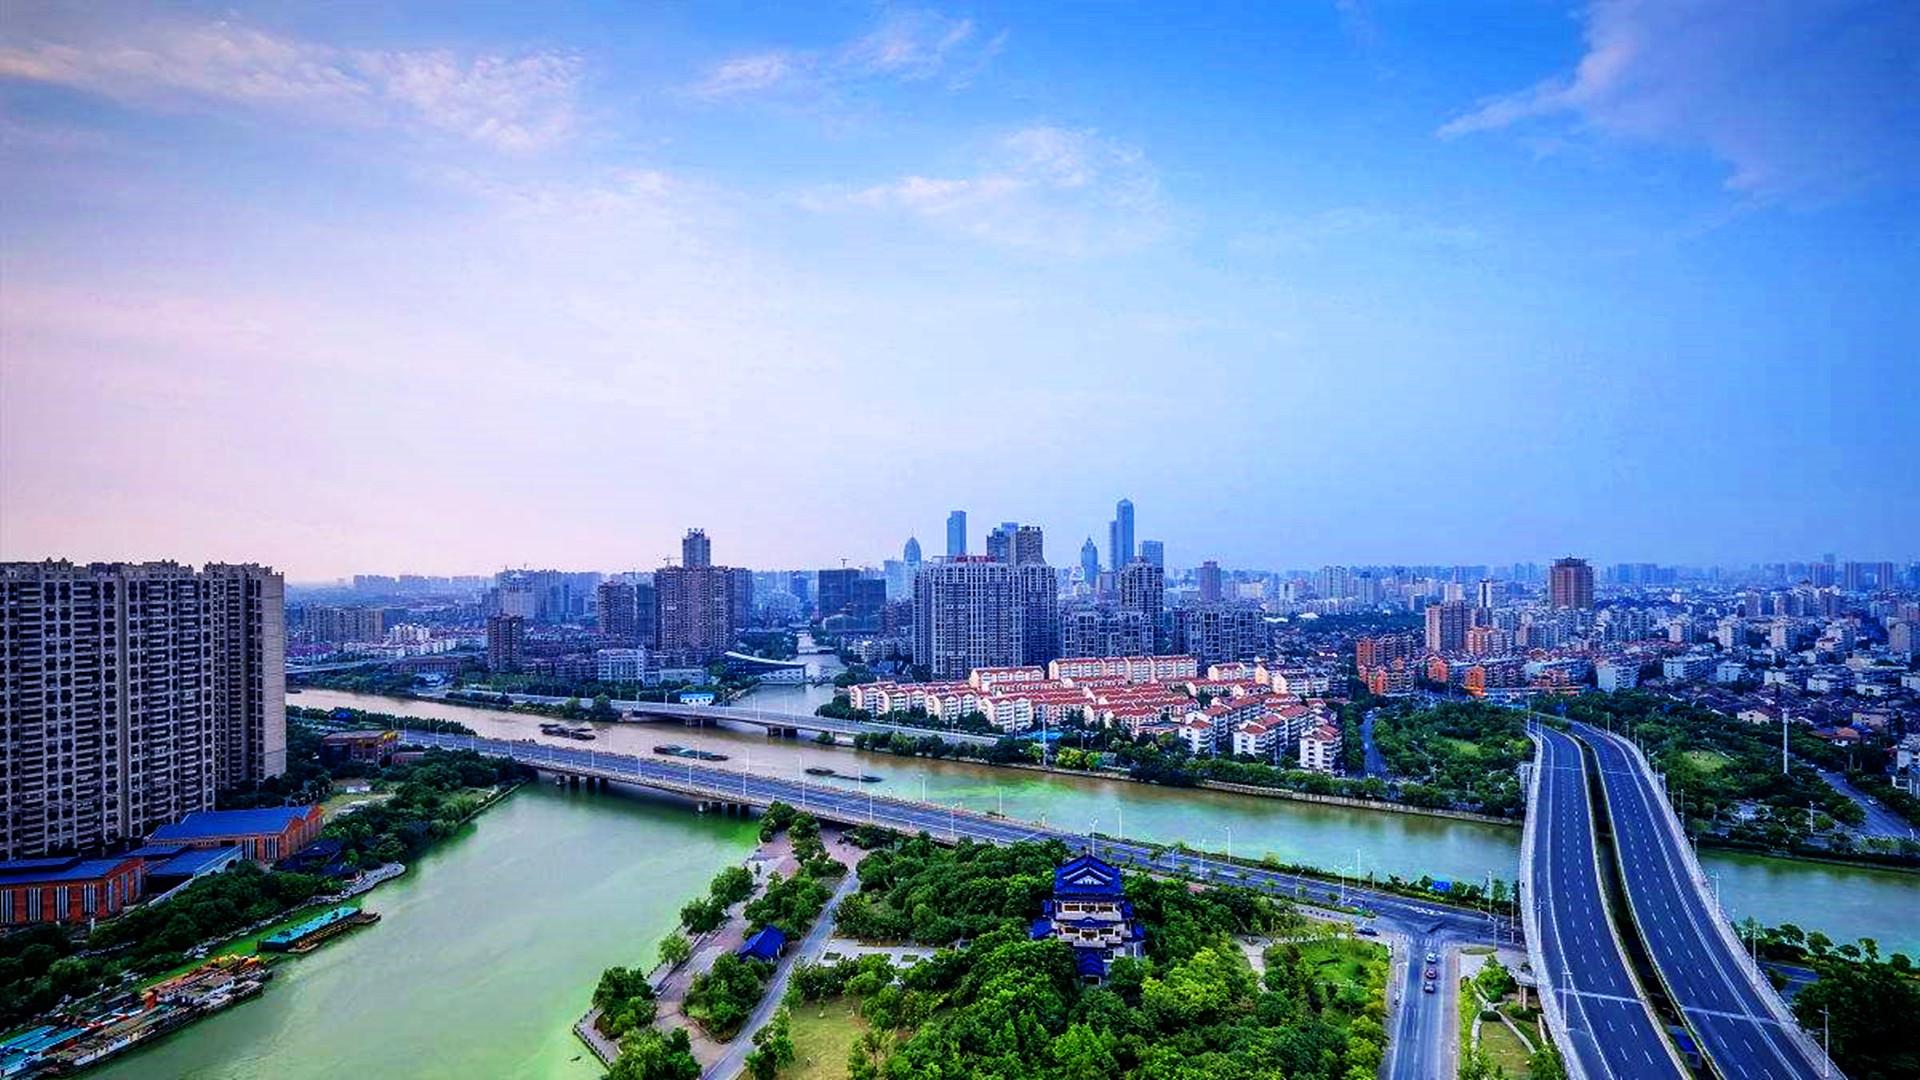 中国十大地级市出炉:东莞第六,常州领先烟台,江苏包揽前三